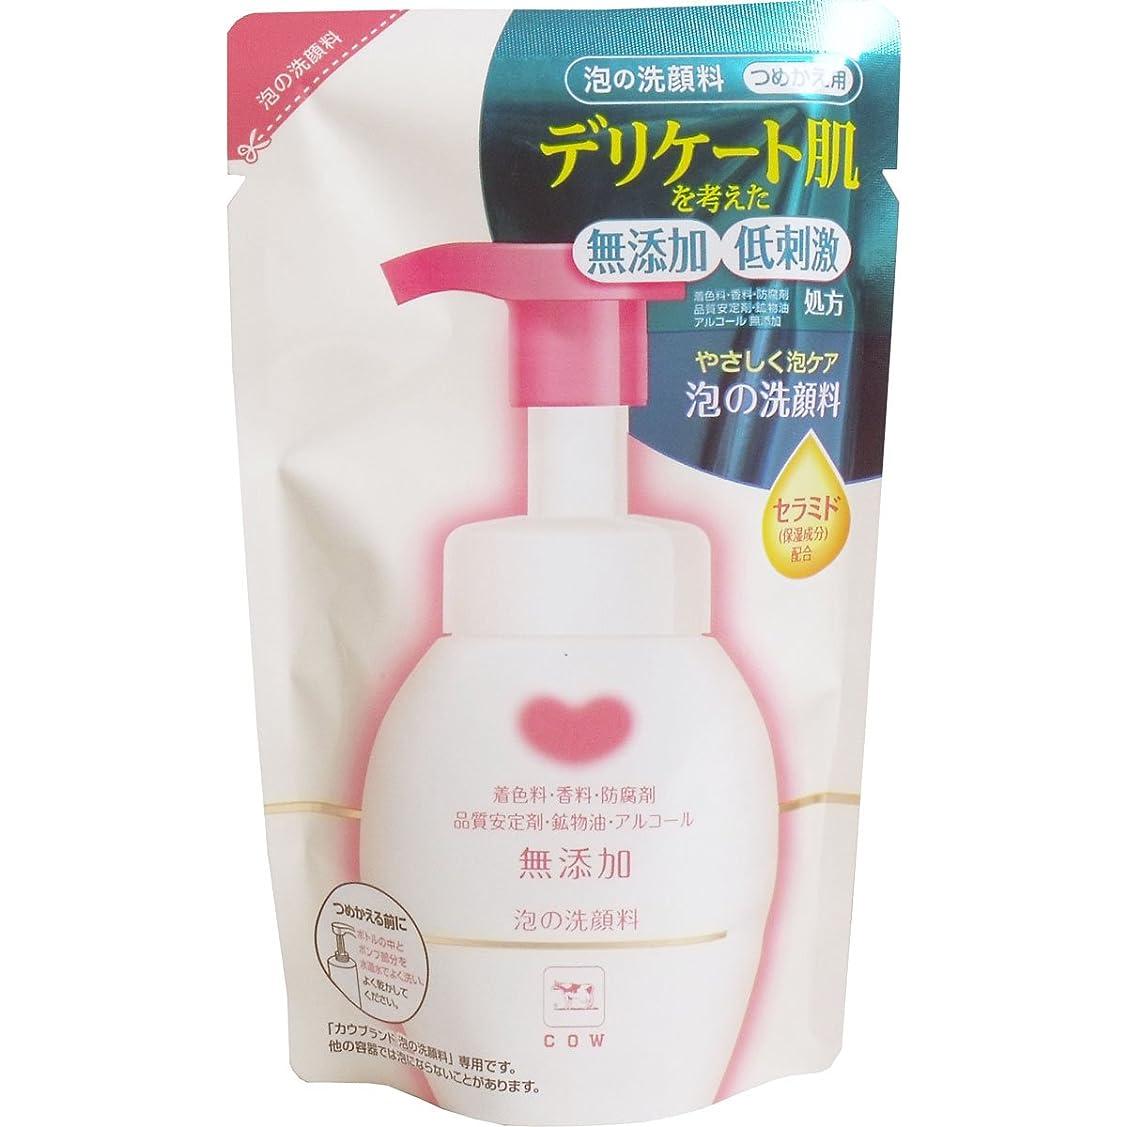 評議会囚人残高【まとめ買い】カウブランド 無添加泡の洗顔料 詰替用 180ML ×2セット